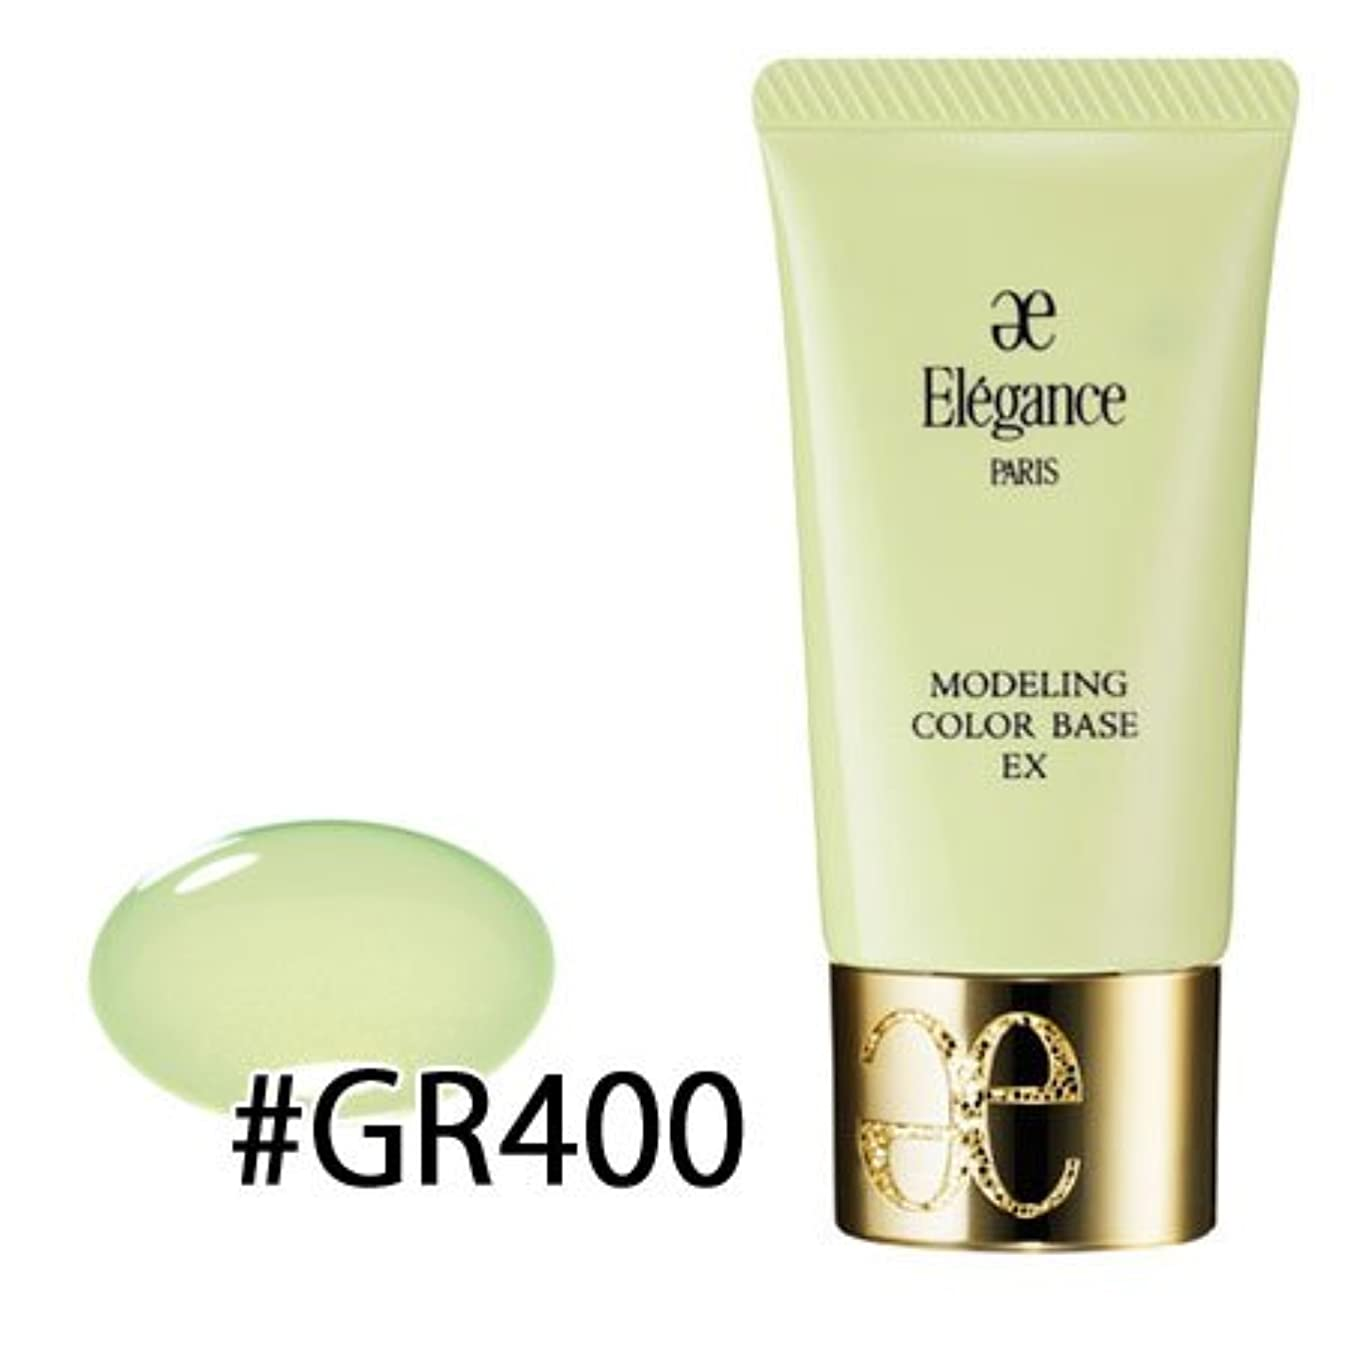 時々時々ガジュマル否定するエレガンス モデリング カラーベース EX #GR400